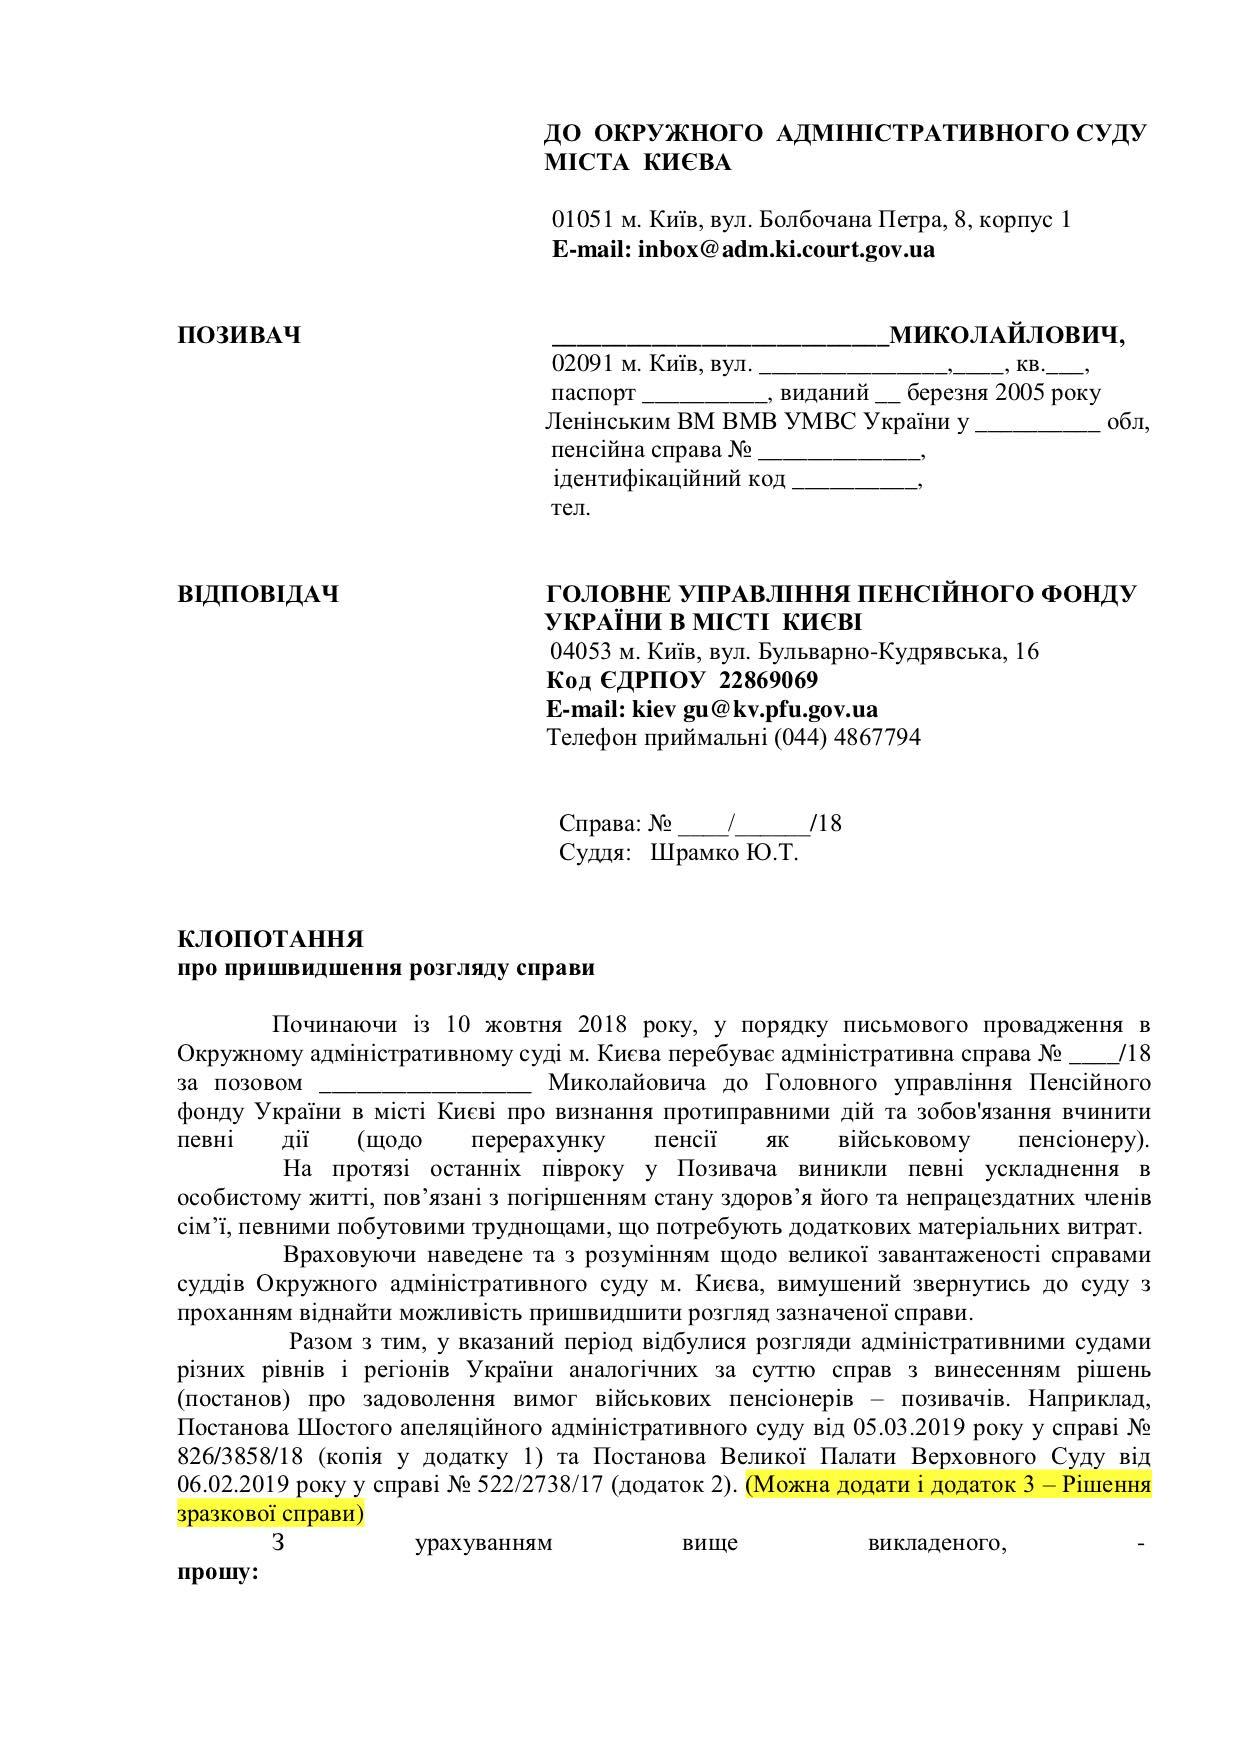 Зразок клопотання про пришвидшення розгляду справи (ч.1)